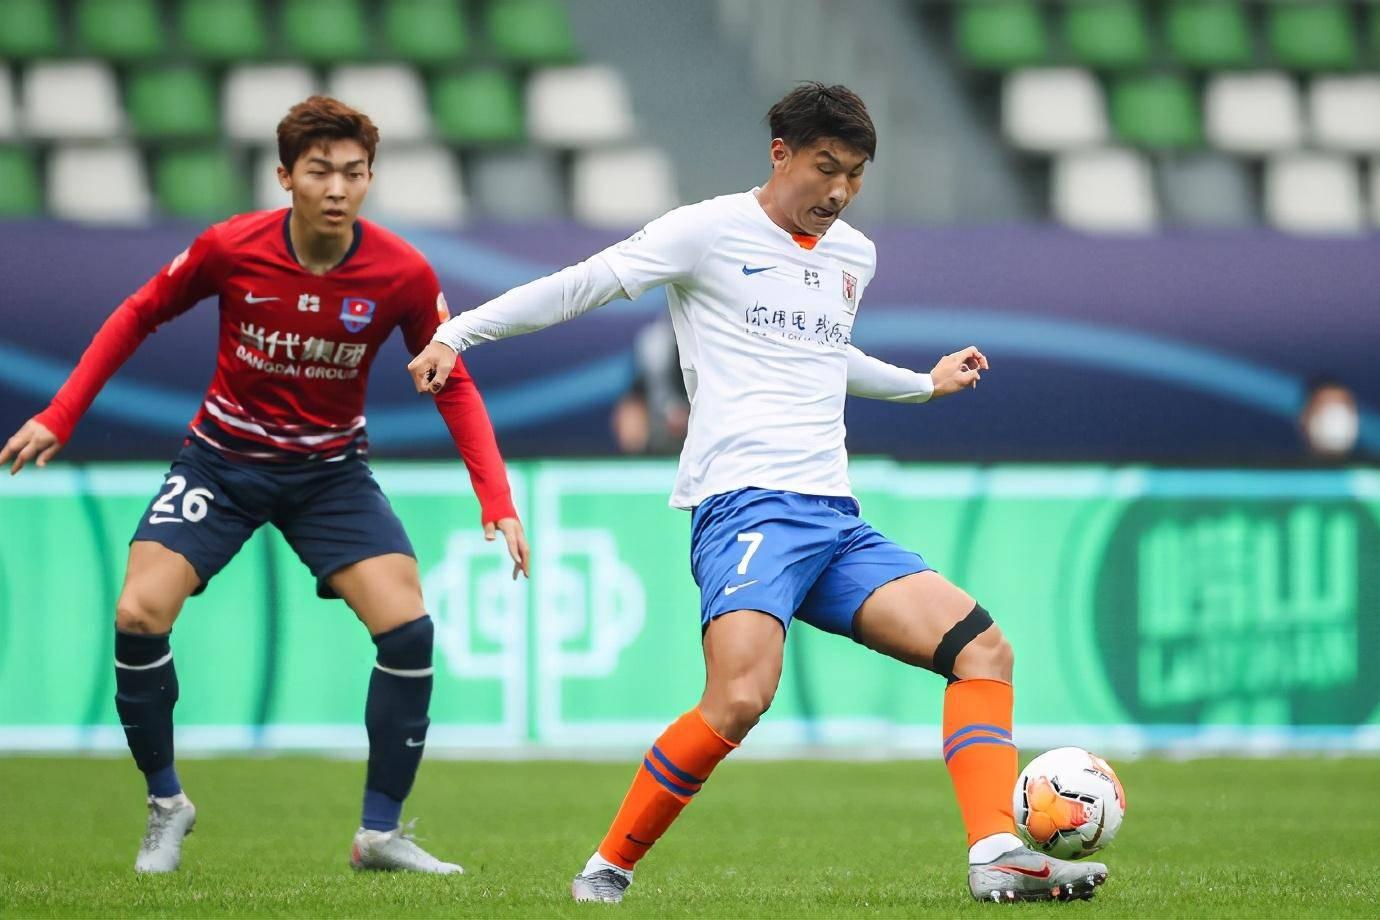 山东鲁能改写国内顶级联赛纪录的同时,也明确了下赛季的引援方向